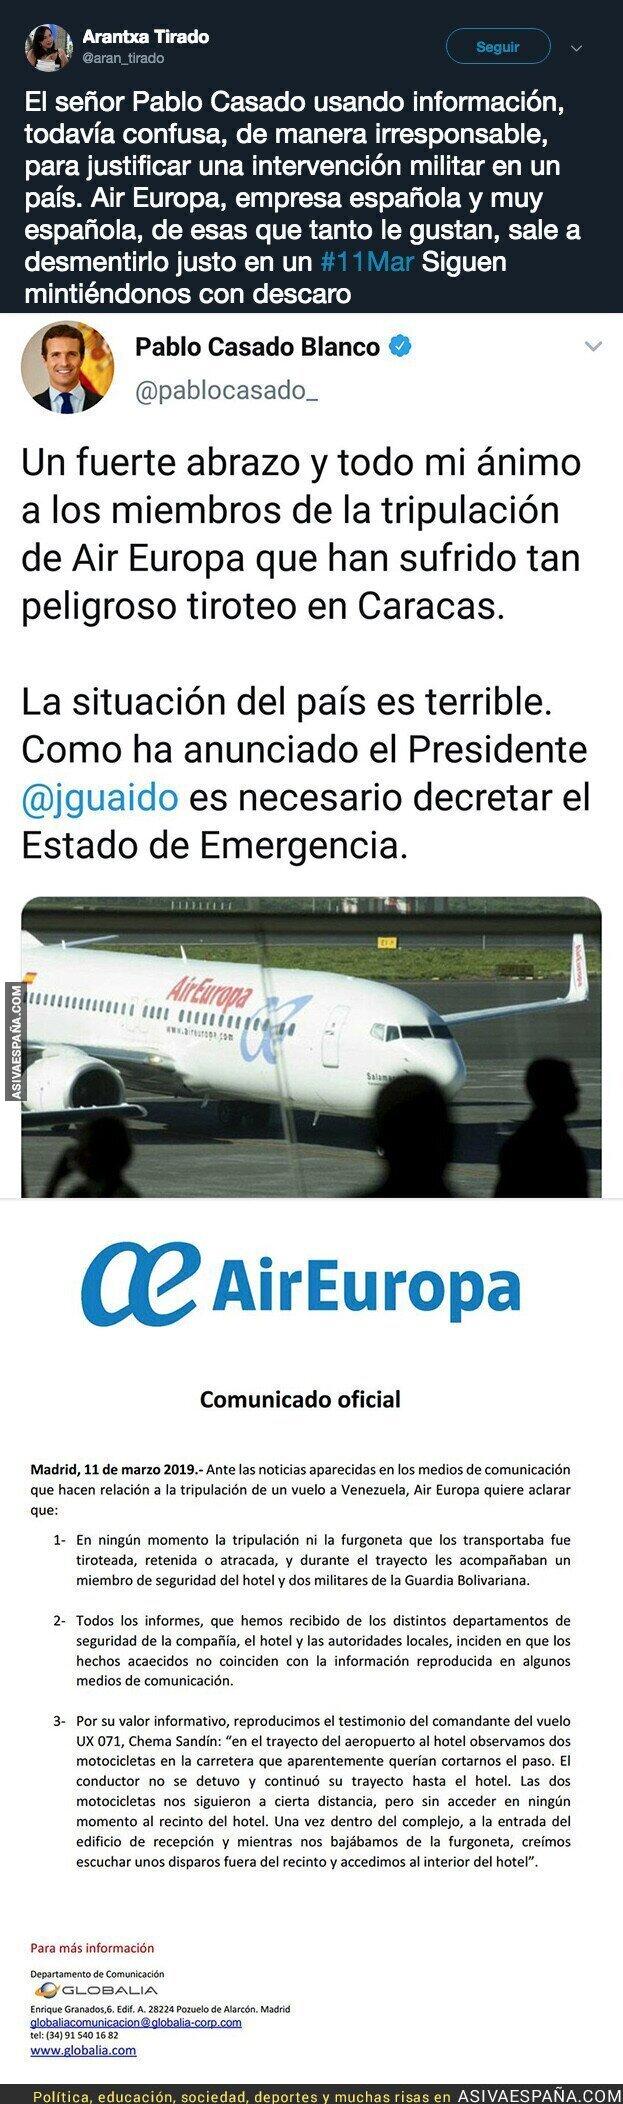 106449 - Pablo Casado miente descaradamente sobre Venezuela usando fuentes de Juan Guaidó que ha desmentido la propia Air Europa